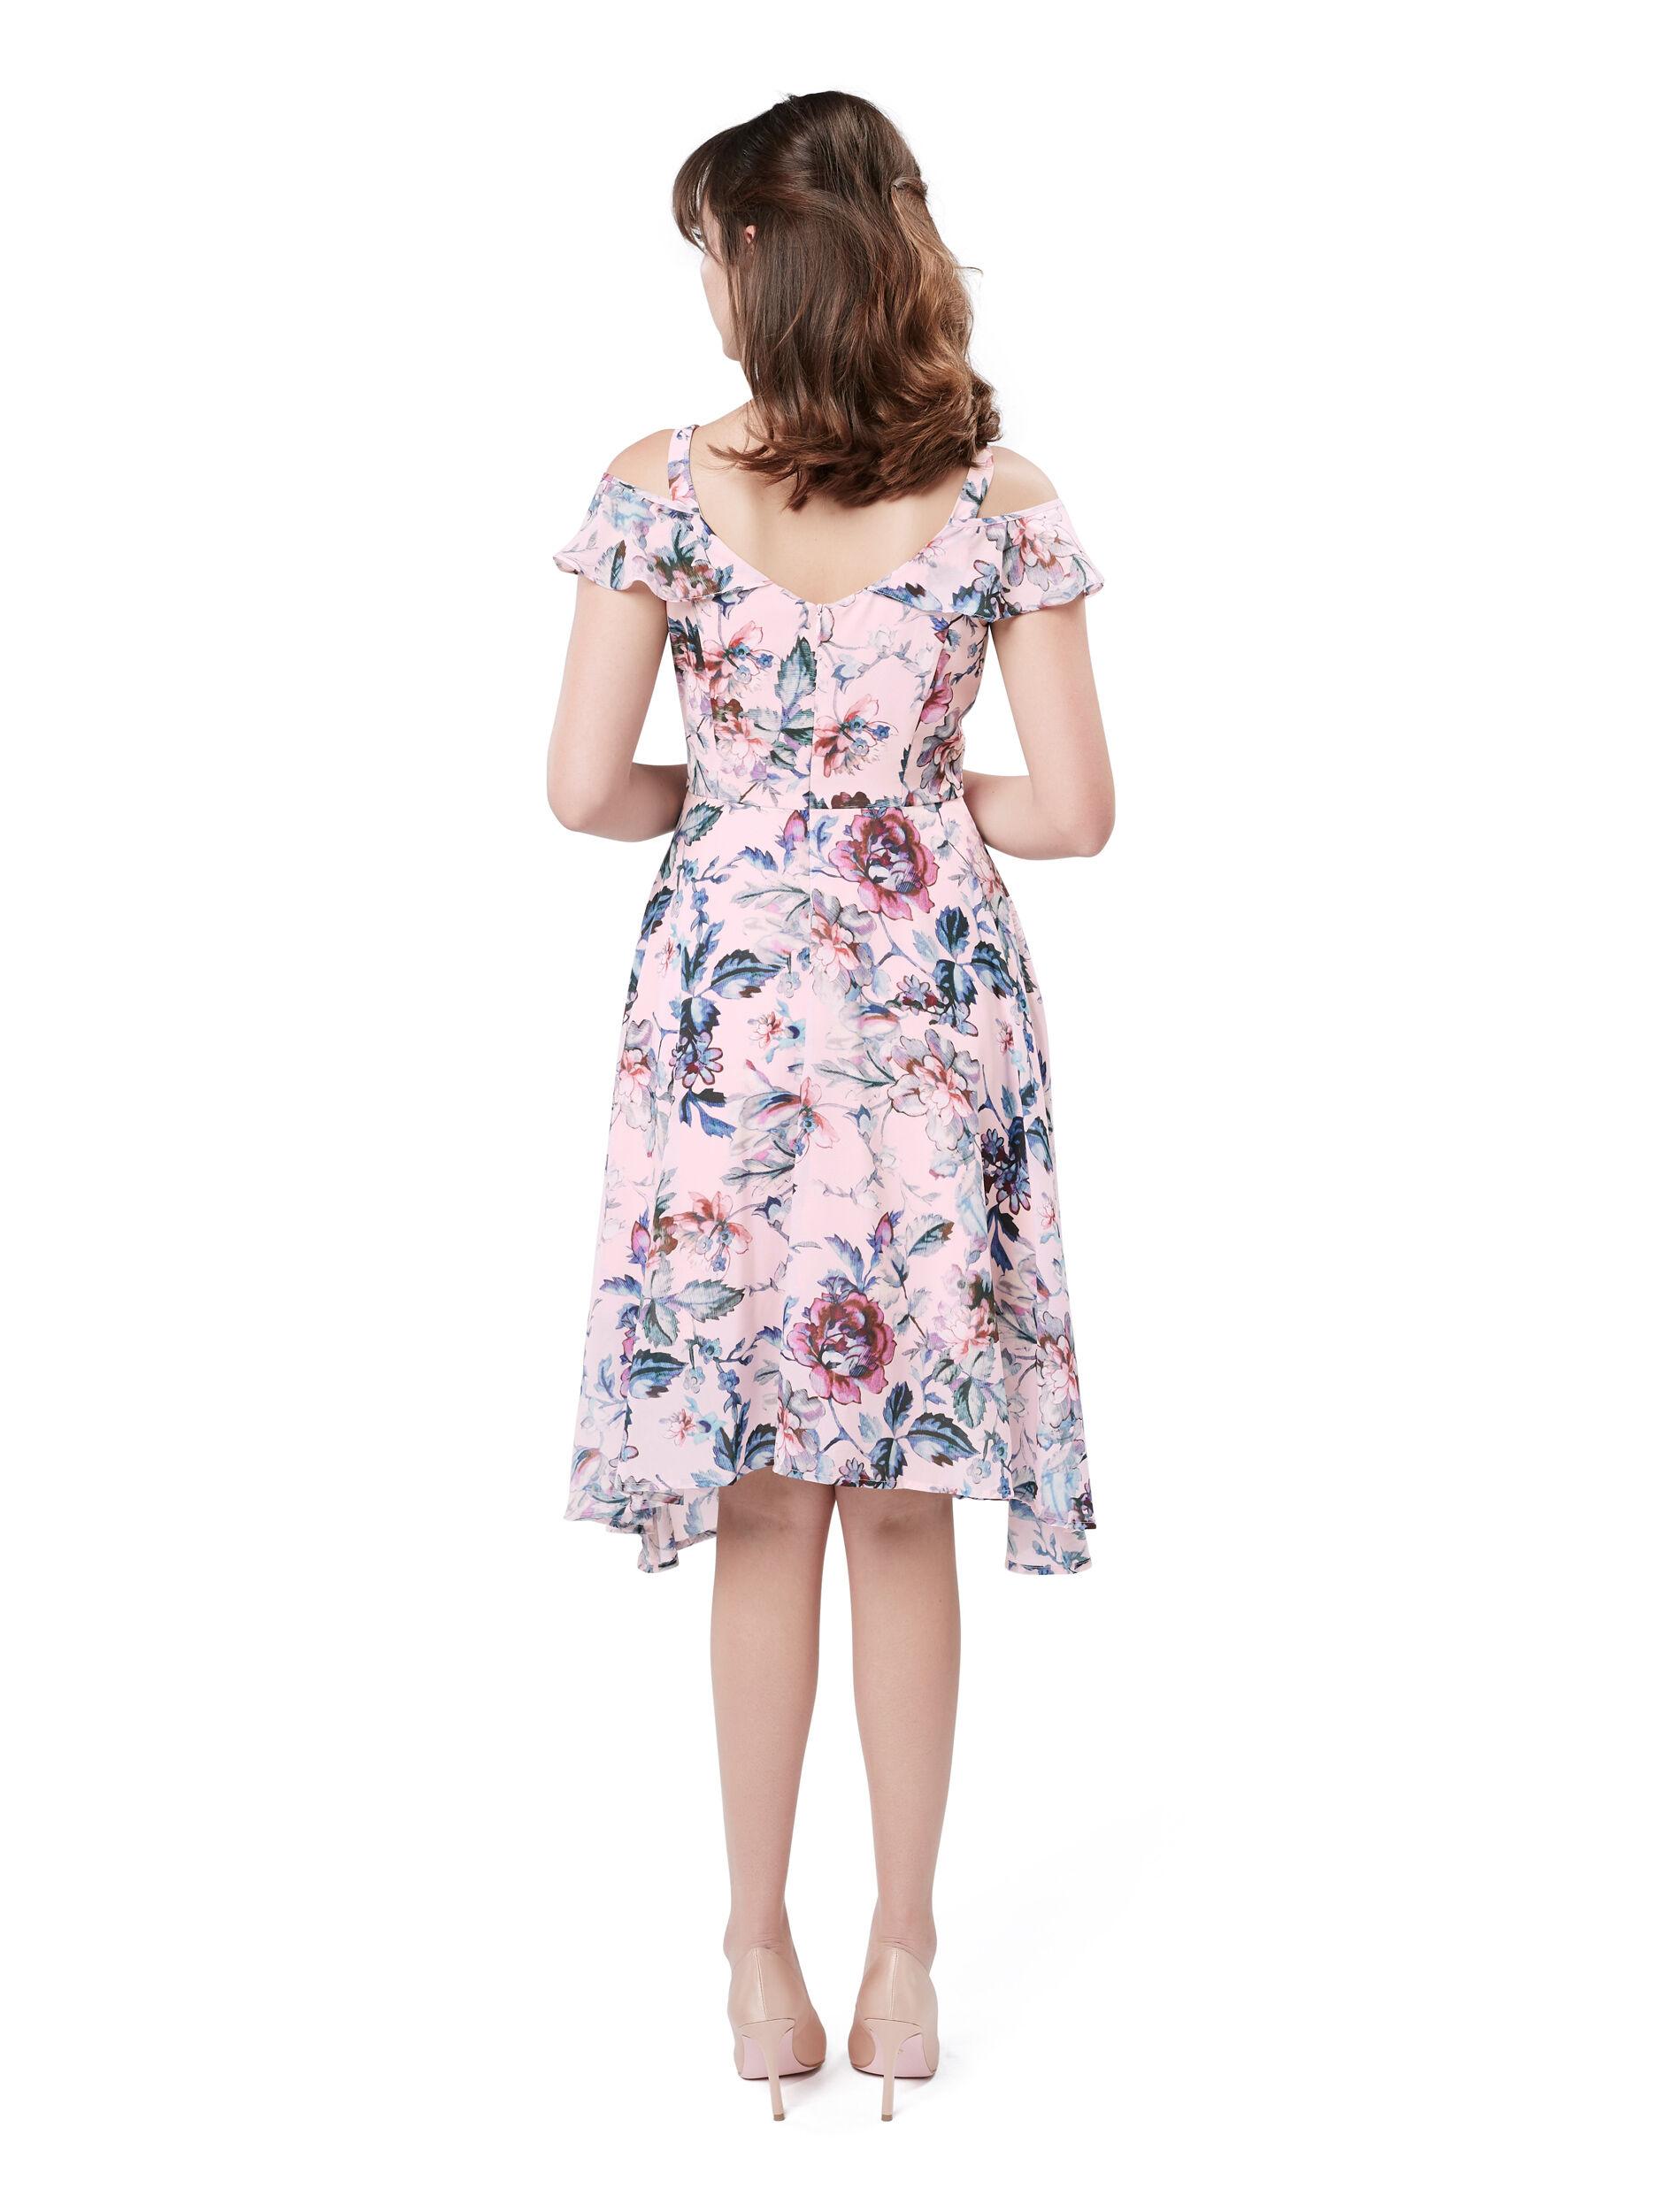 Endless Summer Dress